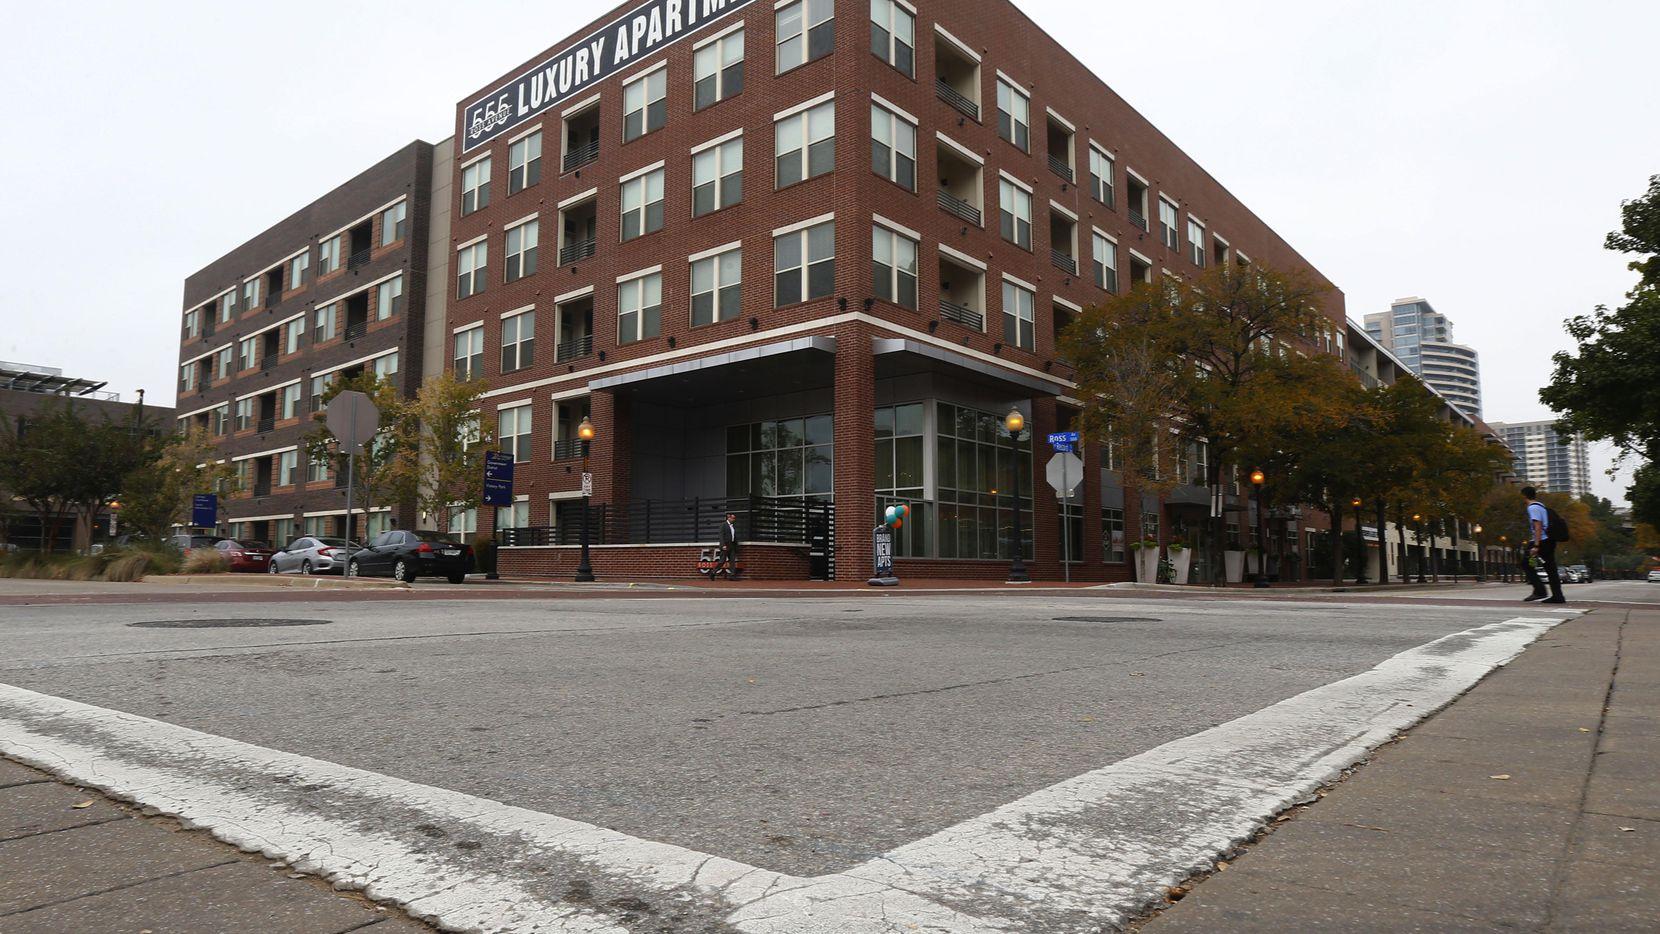 El exterior de los apartamentos 555 Ross Avenue. El costo de los alquileres aumentará este año, predicen. (DMN/NATHAN HUNSINGER)